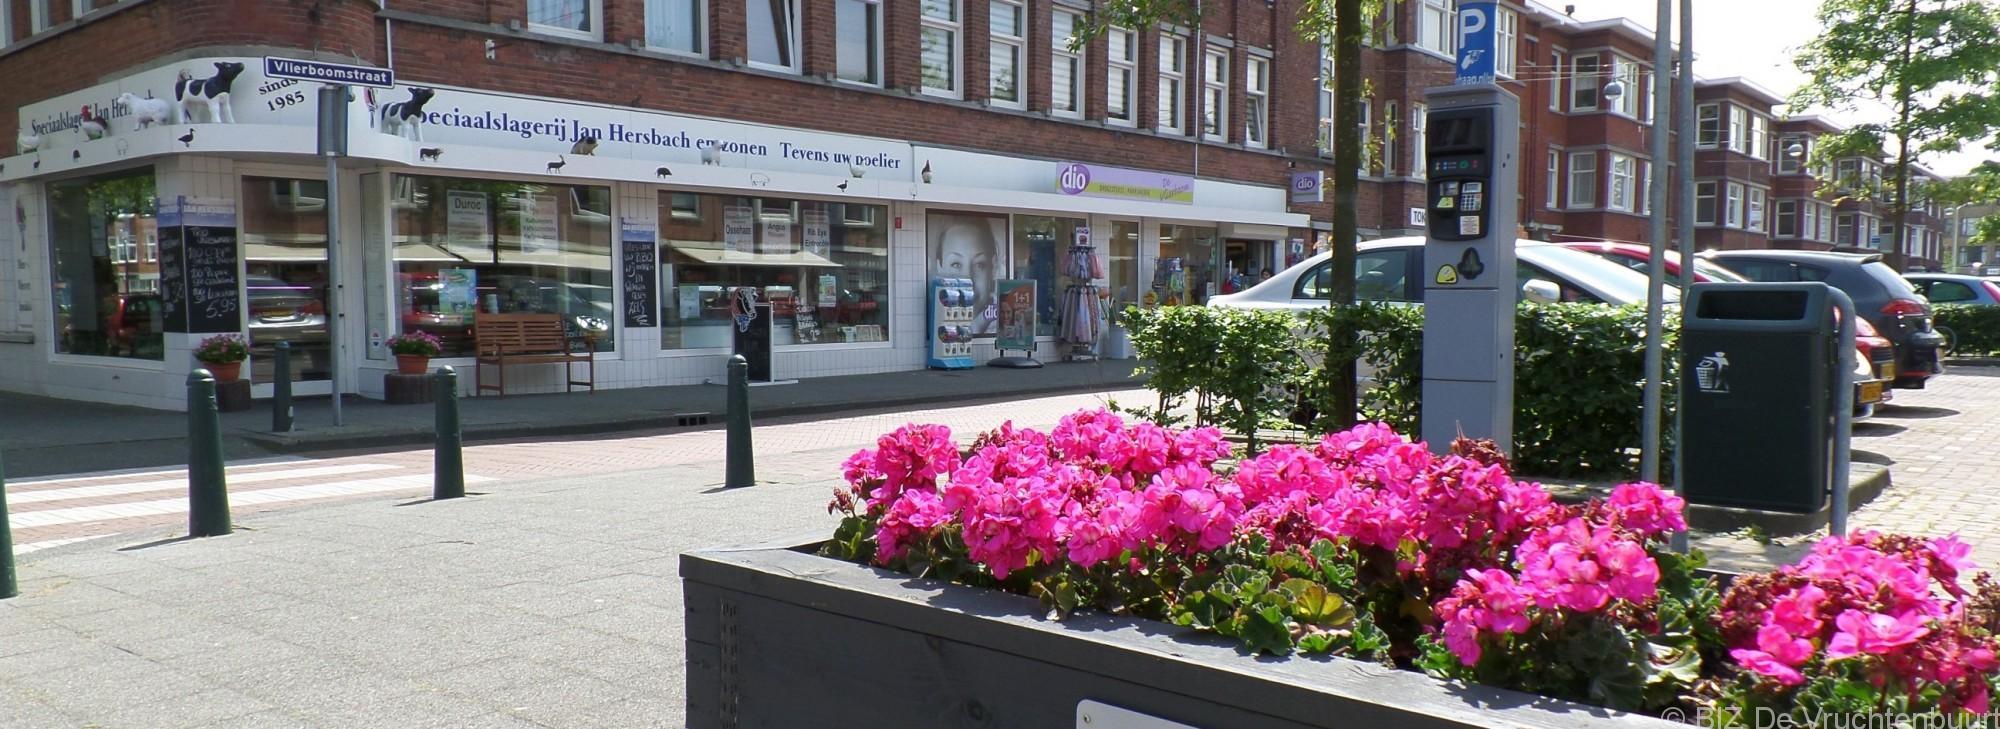 Winkelcentrum de Vruchtenbuurt